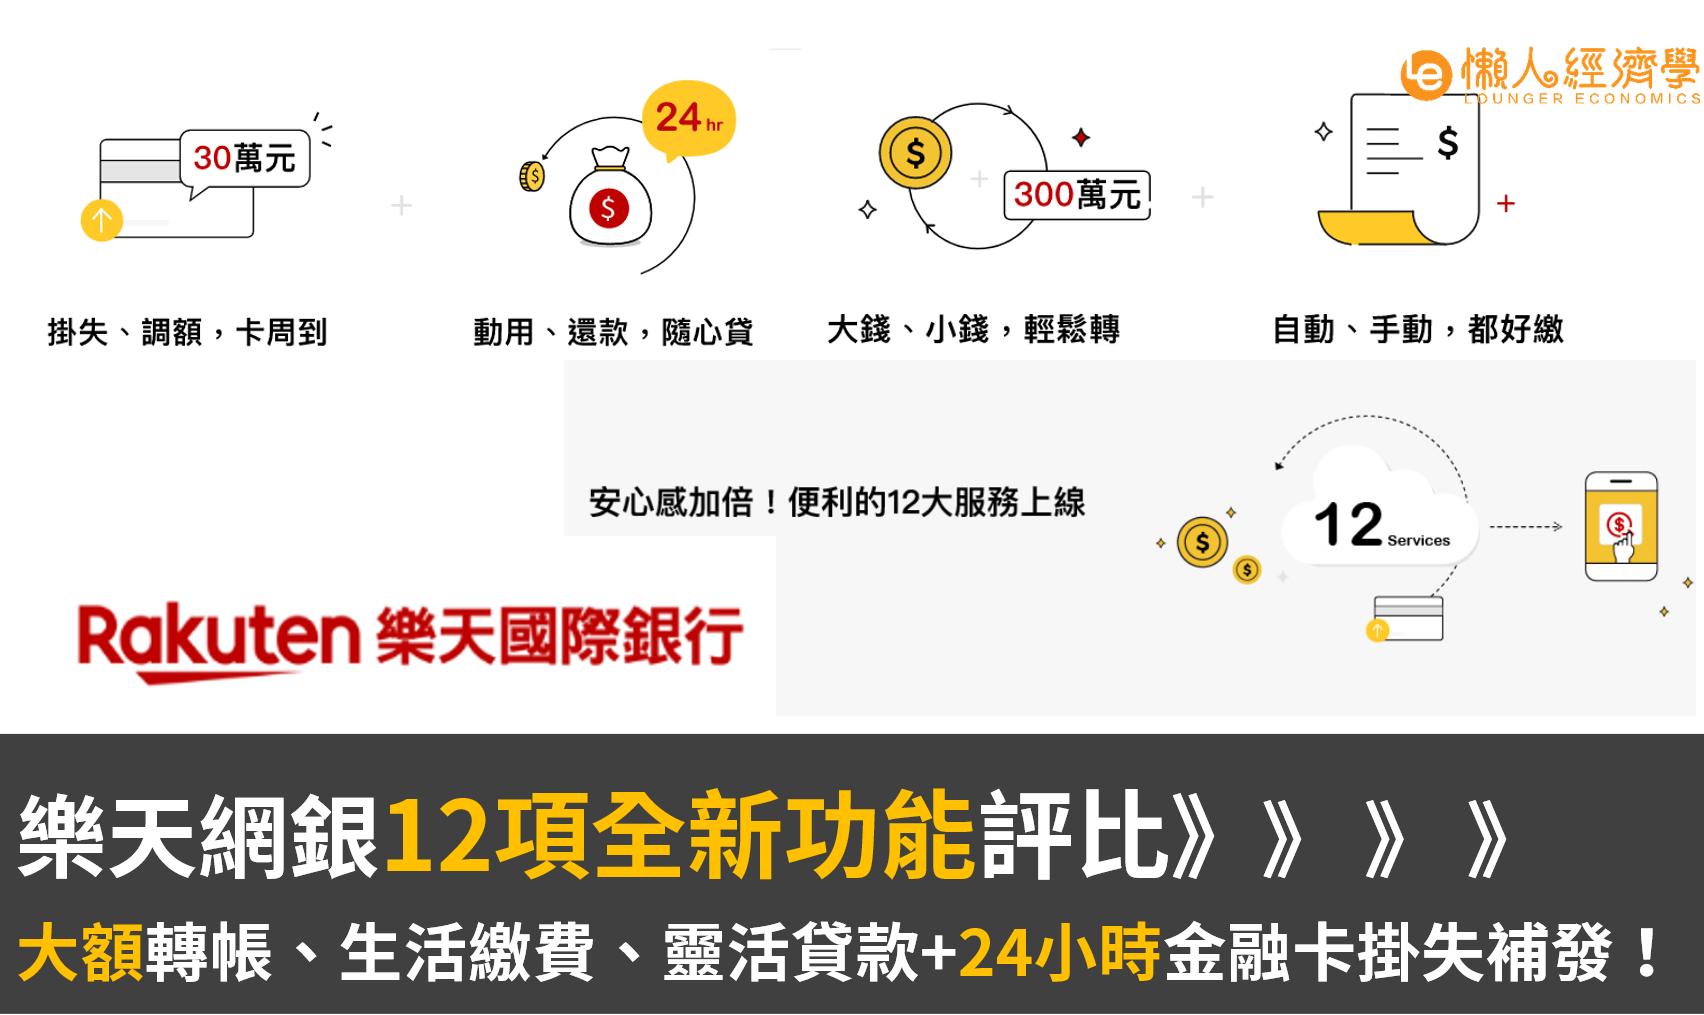 直球對決Line Bank!樂天銀行12項全新功能評比:大額轉帳、24小時金融卡掛失補發!